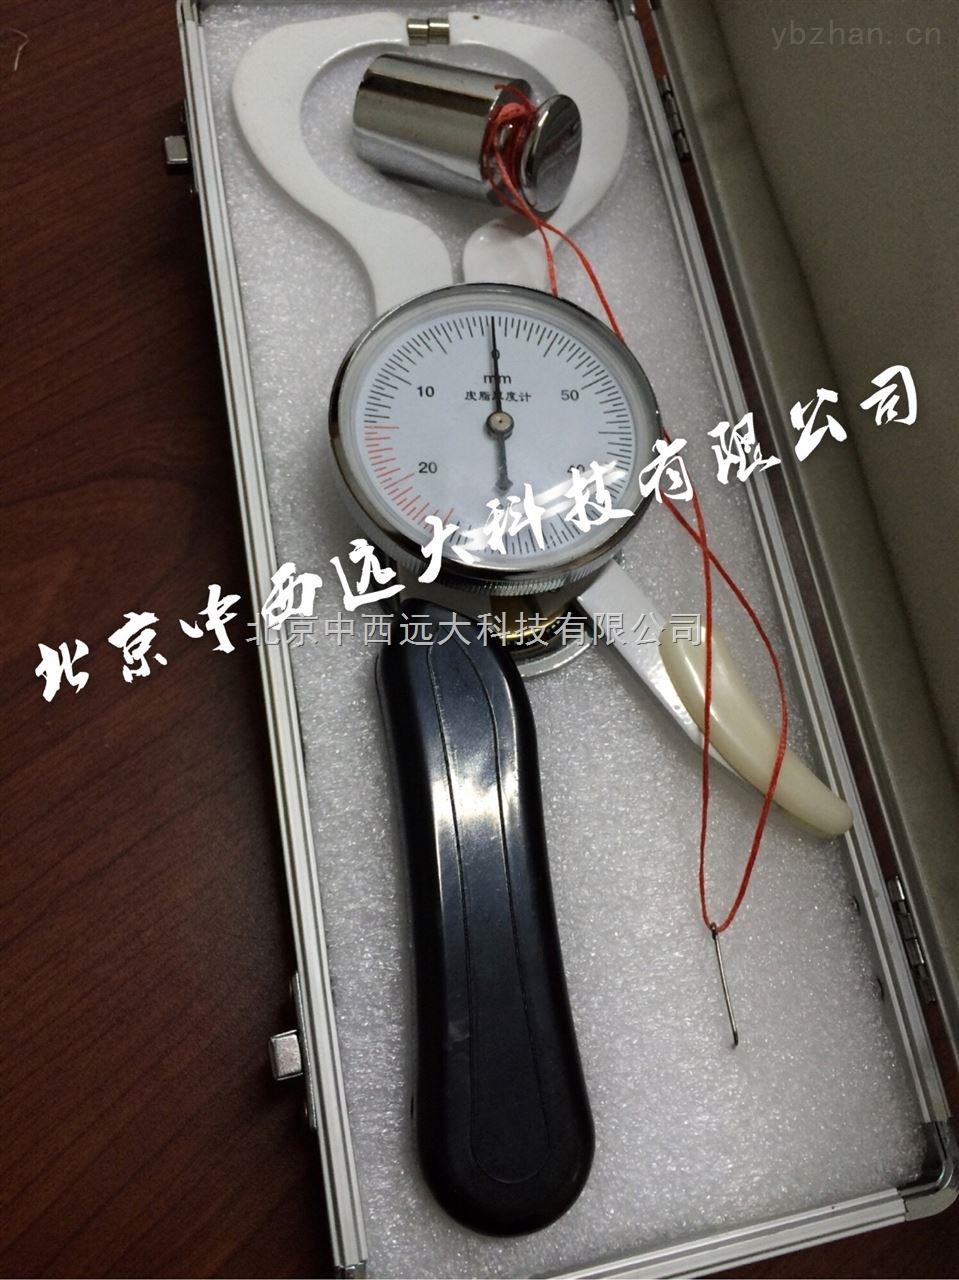 库号:M380980-皮褶厚度计/皮脂厚度计(量程60mm)